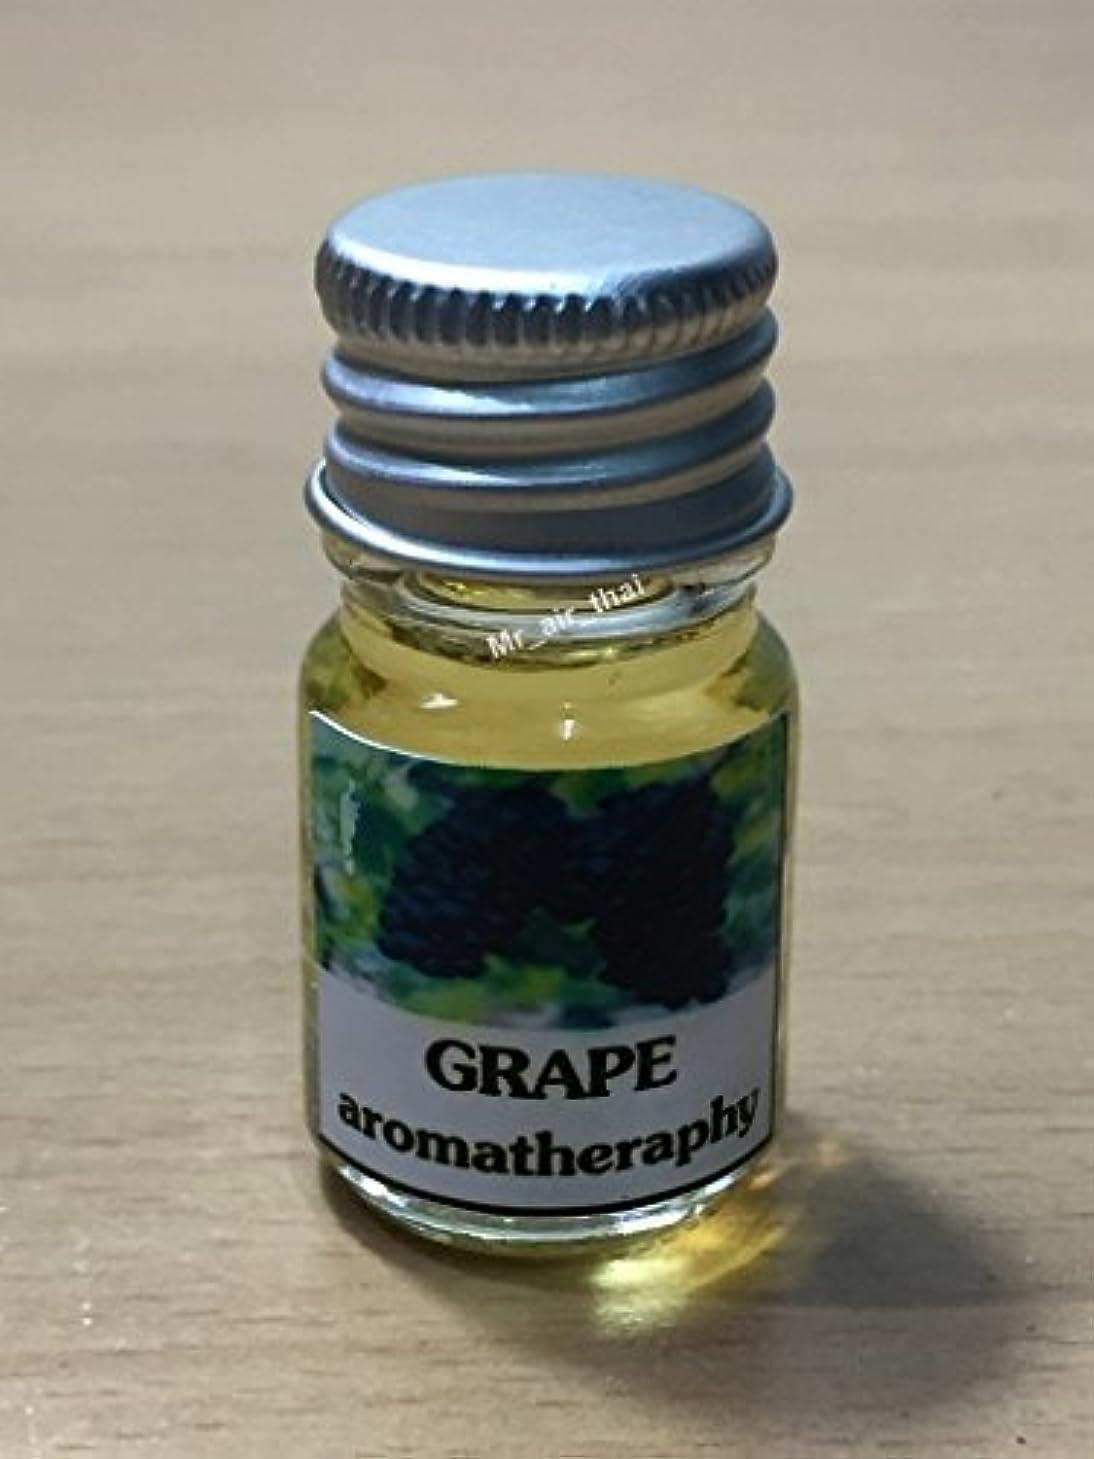 多数の卒業小説家5ミリリットルアロマグレープフランクインセンスエッセンシャルオイルボトルアロマテラピーオイル自然自然5ml Aroma Grape Frankincense Essential Oil Bottles Aromatherapy...